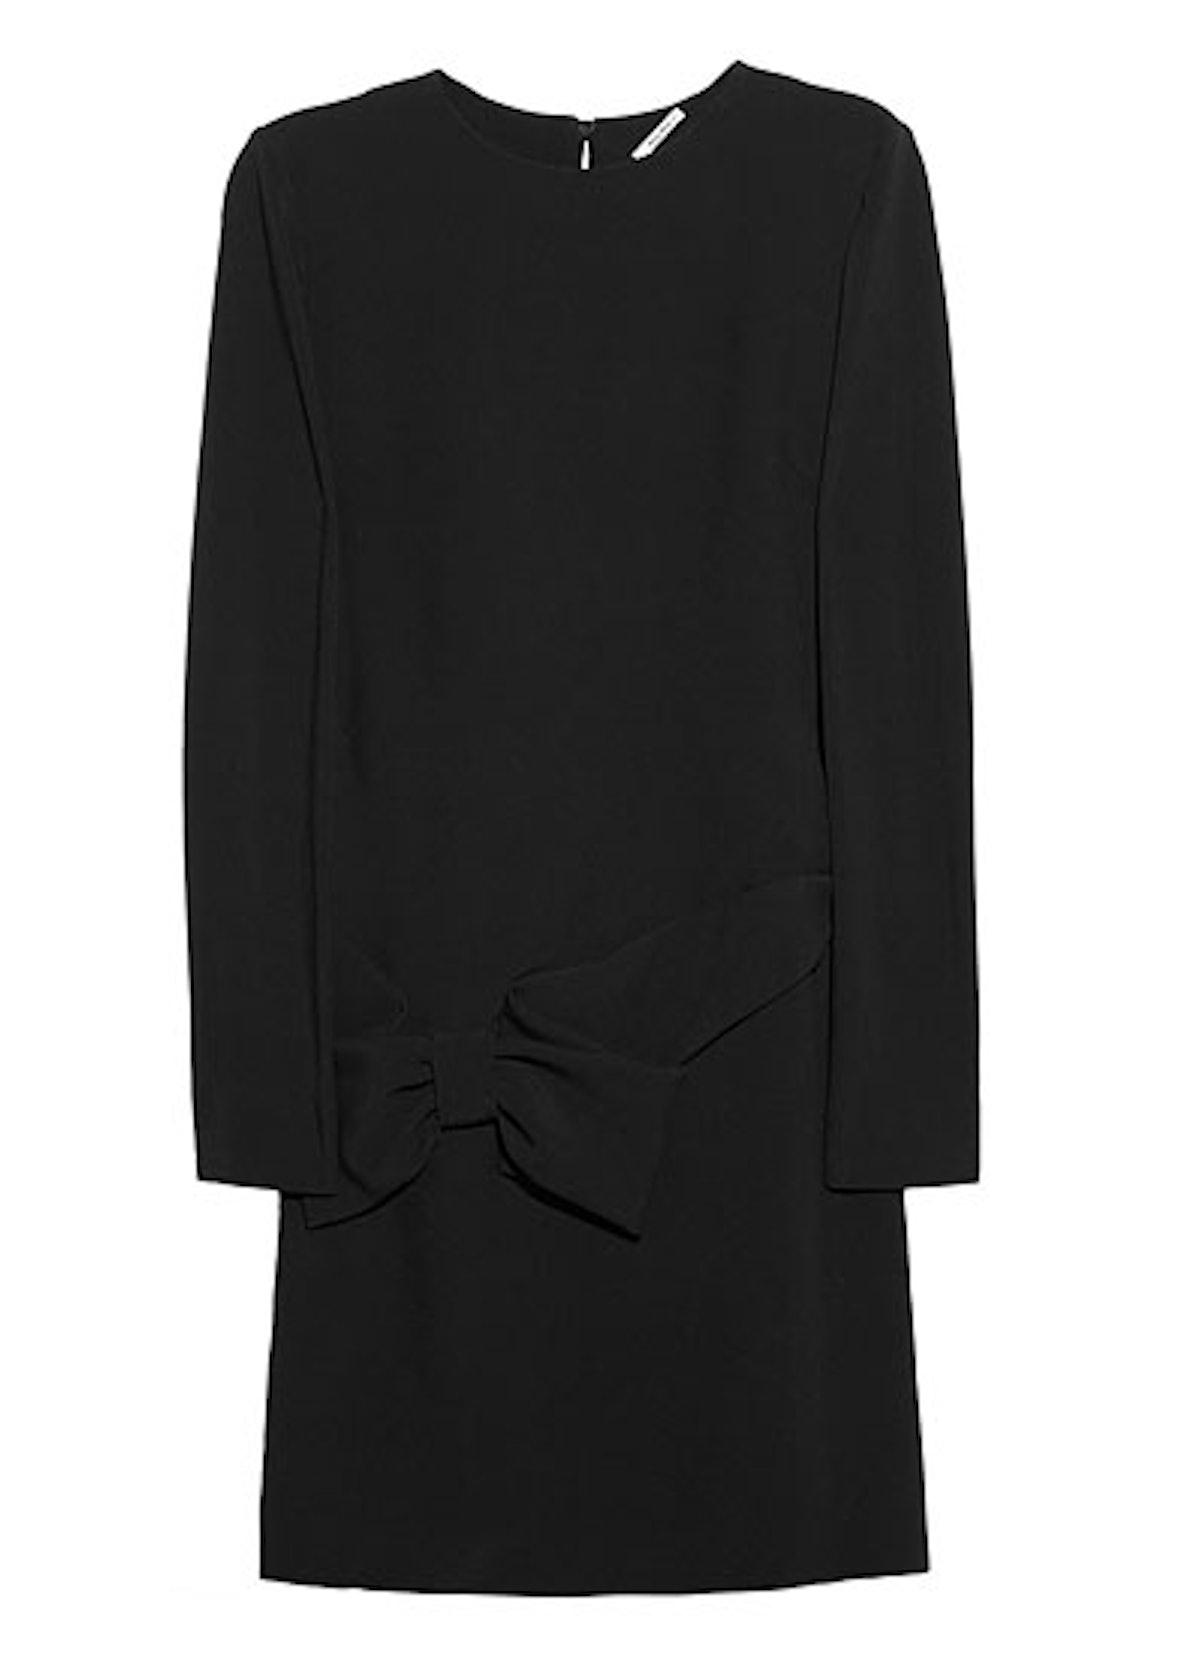 fass-little-black-dresses-04-v.jpg